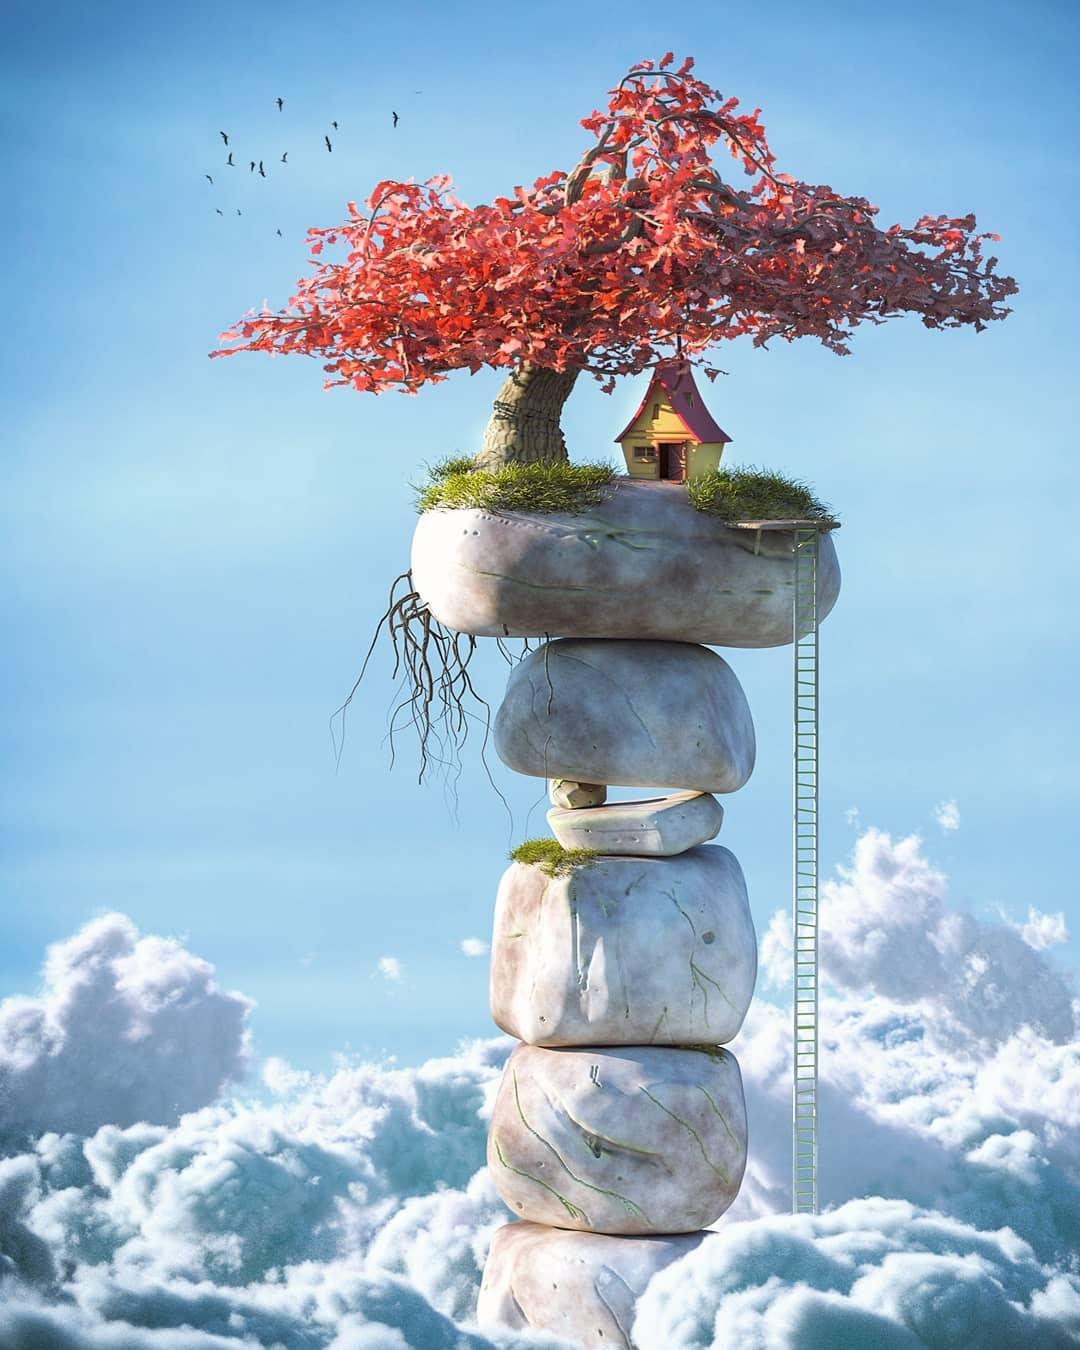 在Blender中制作梦幻天空参考图 - 瑞云渲染